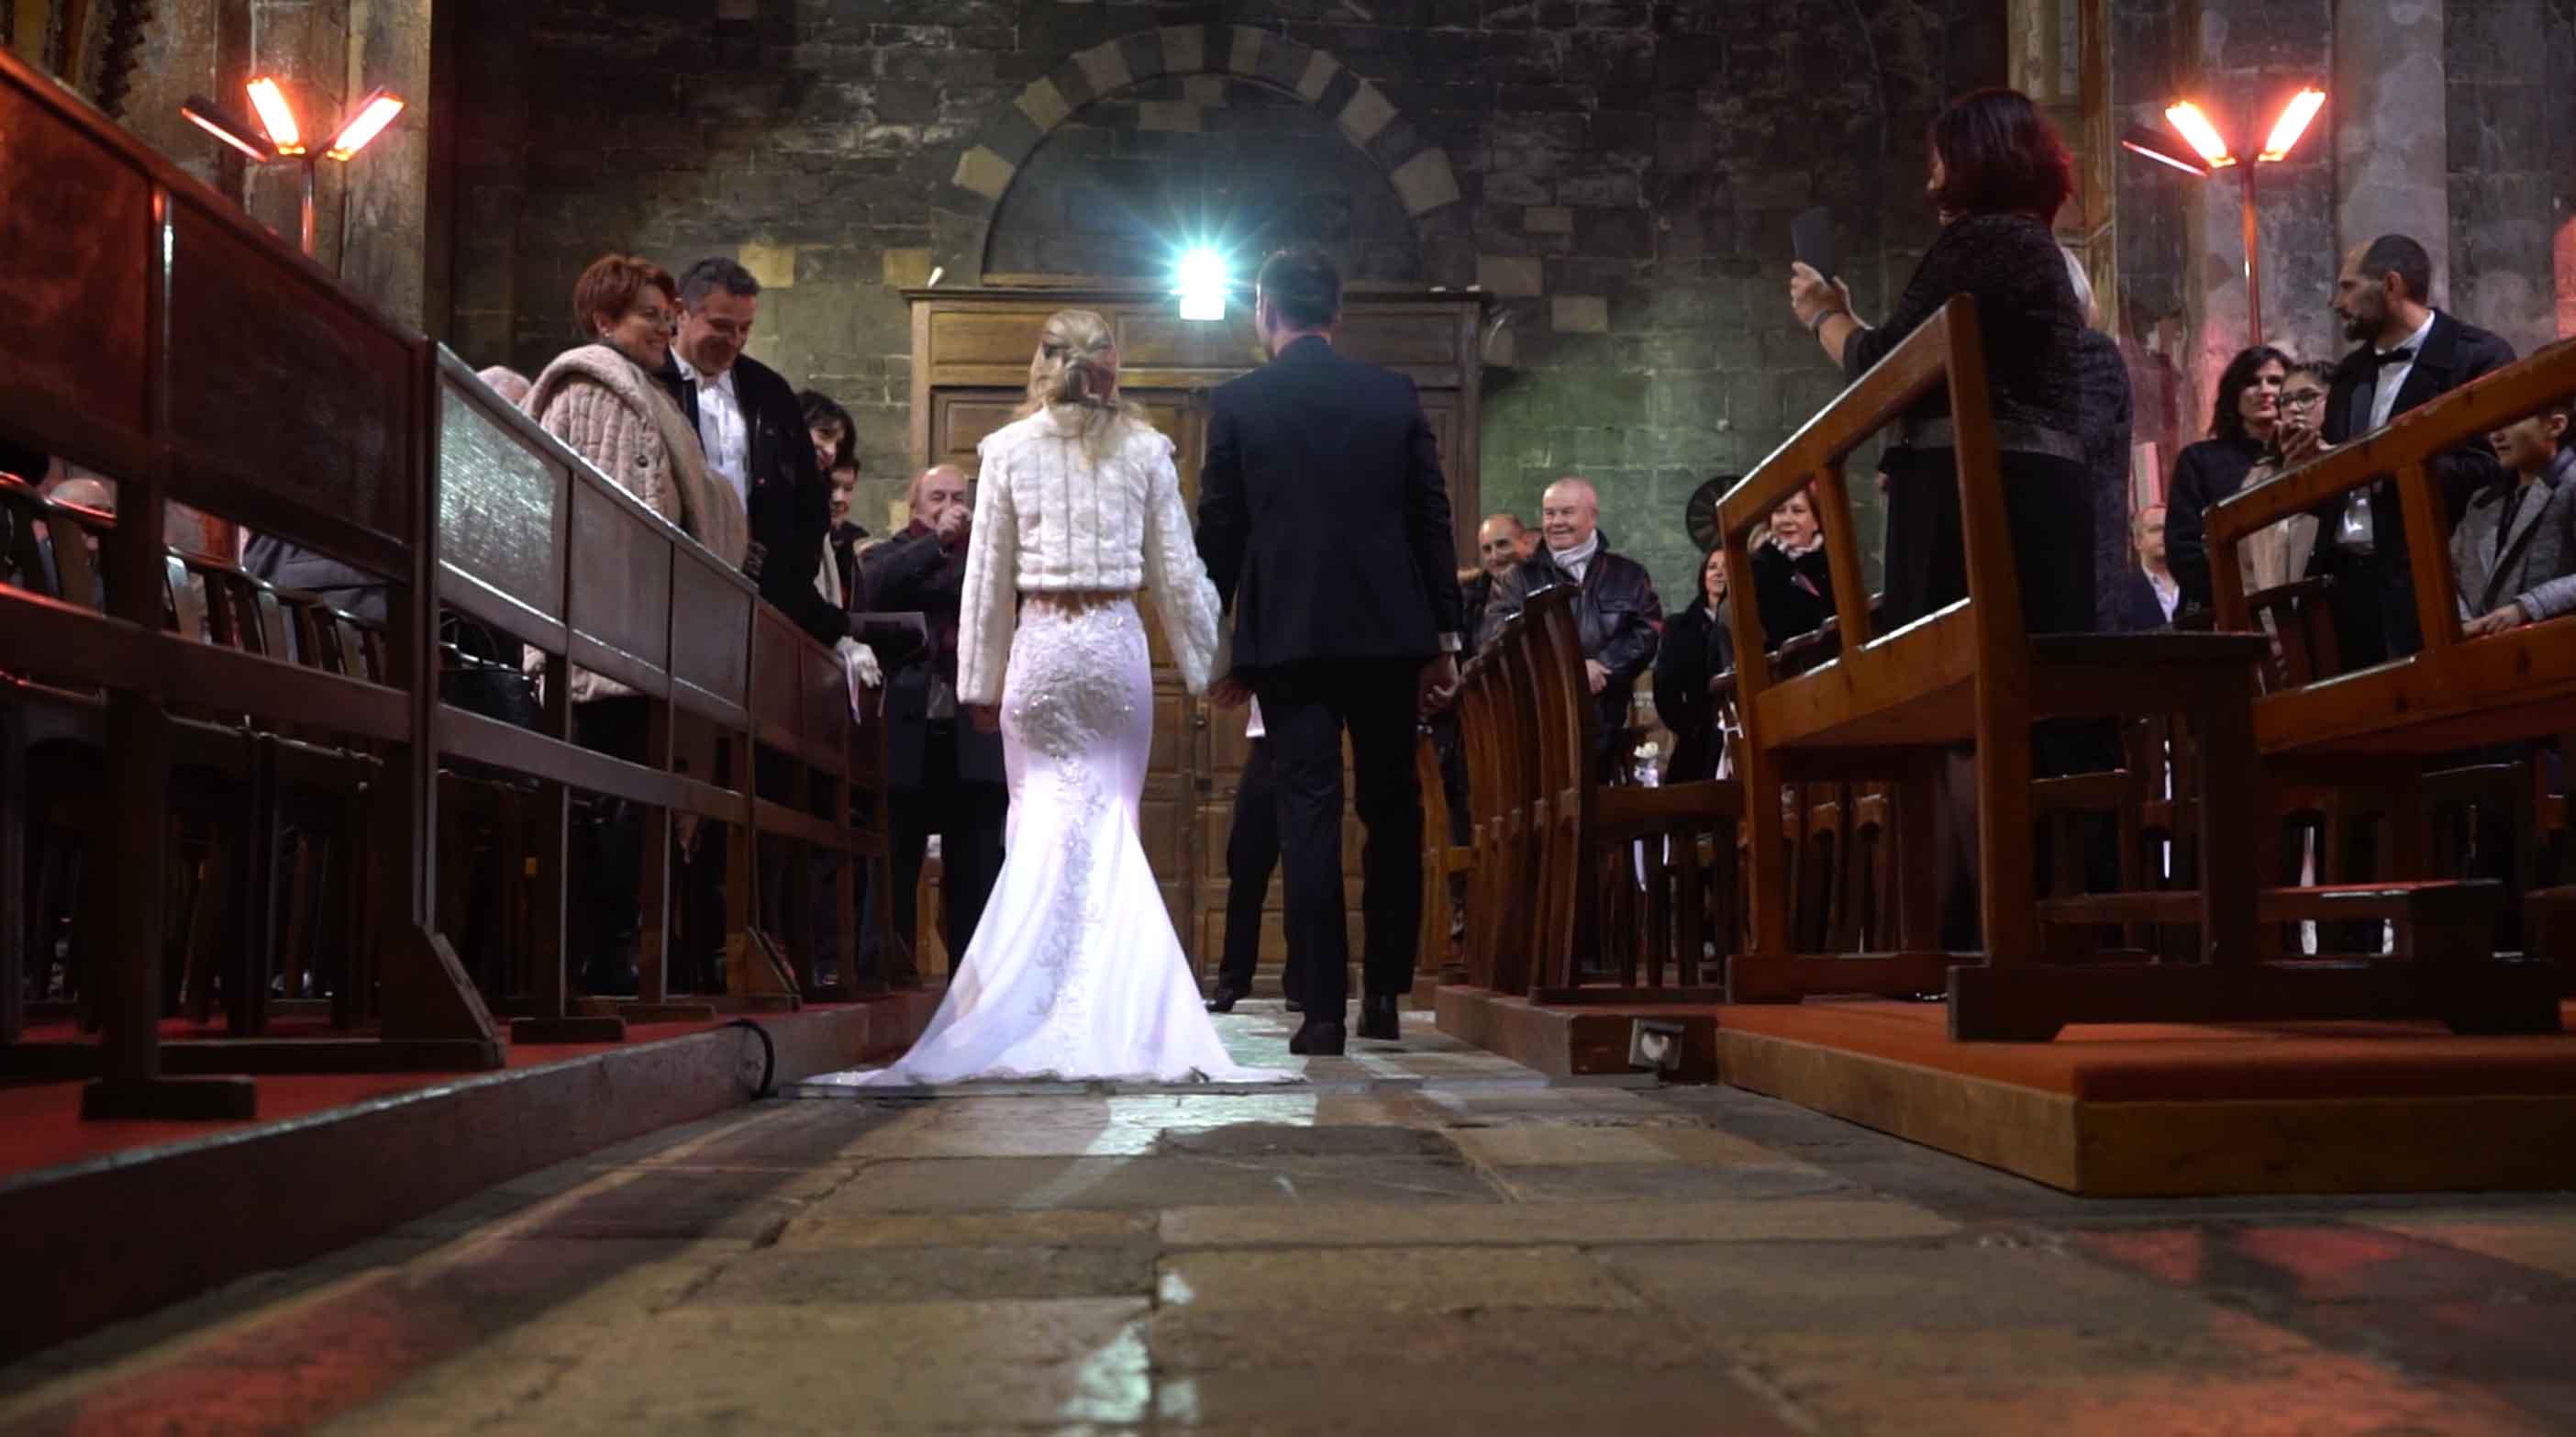 film du mariage avec drone à l'église